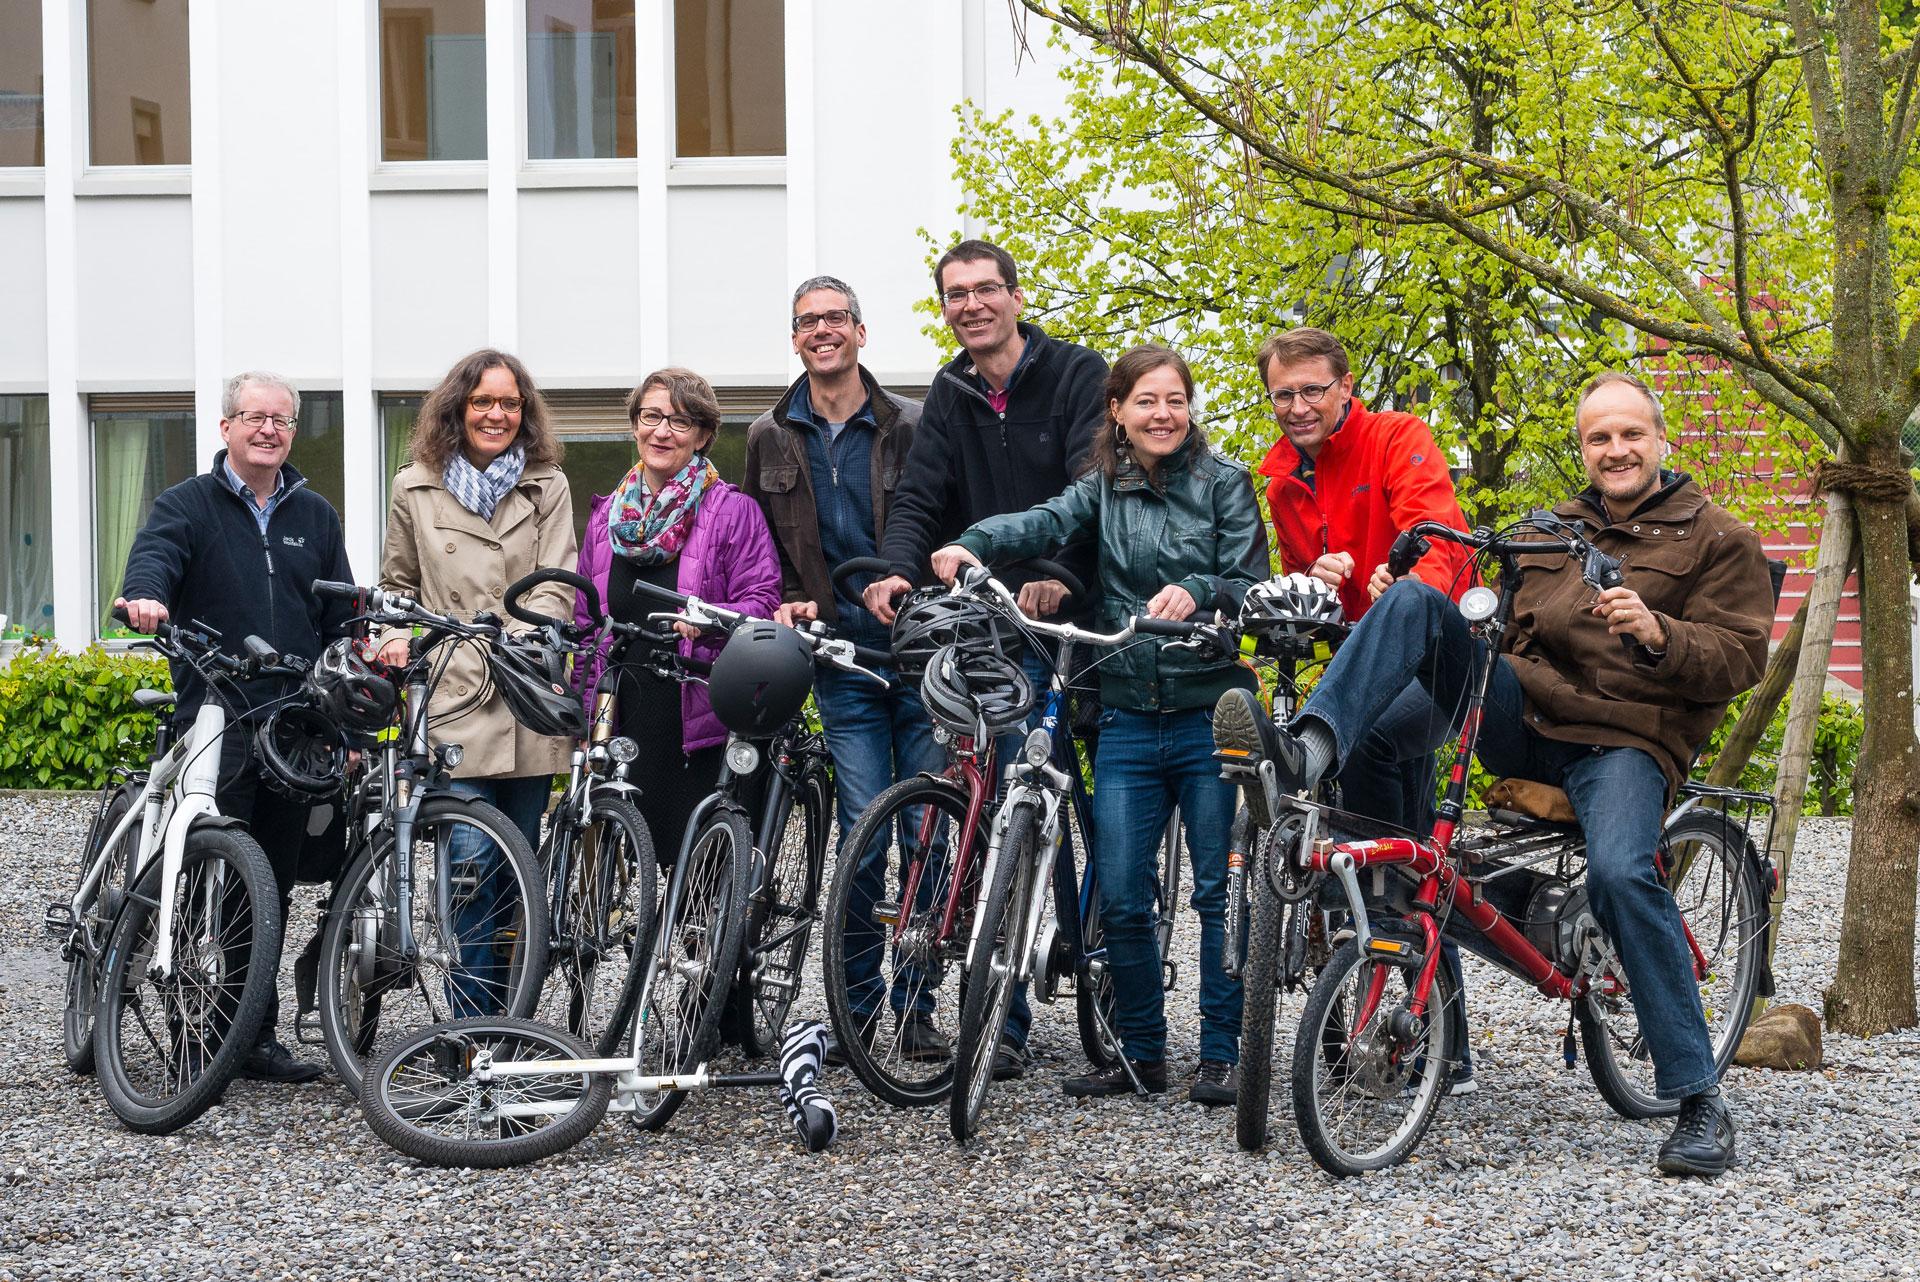 Im Mai und Juni vor allem mit dem Velo unterwegs: die Bike-to-Work-Teams der Fachbereiche und Verwaltung der Landeskirche. | @ lukath.ch